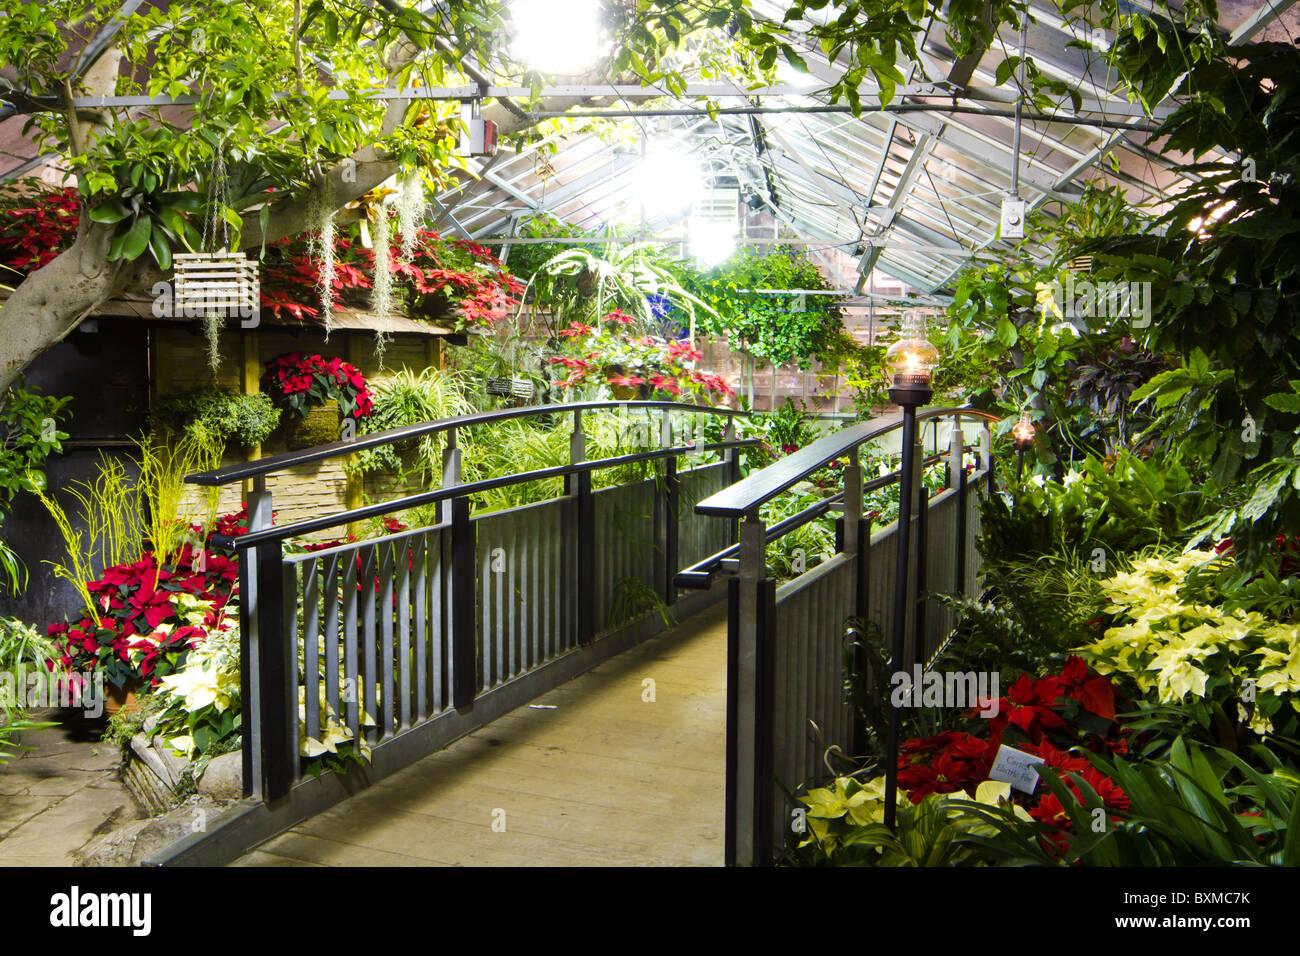 Tropischen garten gew chshaus pflanzen blumen stockfoto bild 33640087 alamy - Gewachshaus garten ...